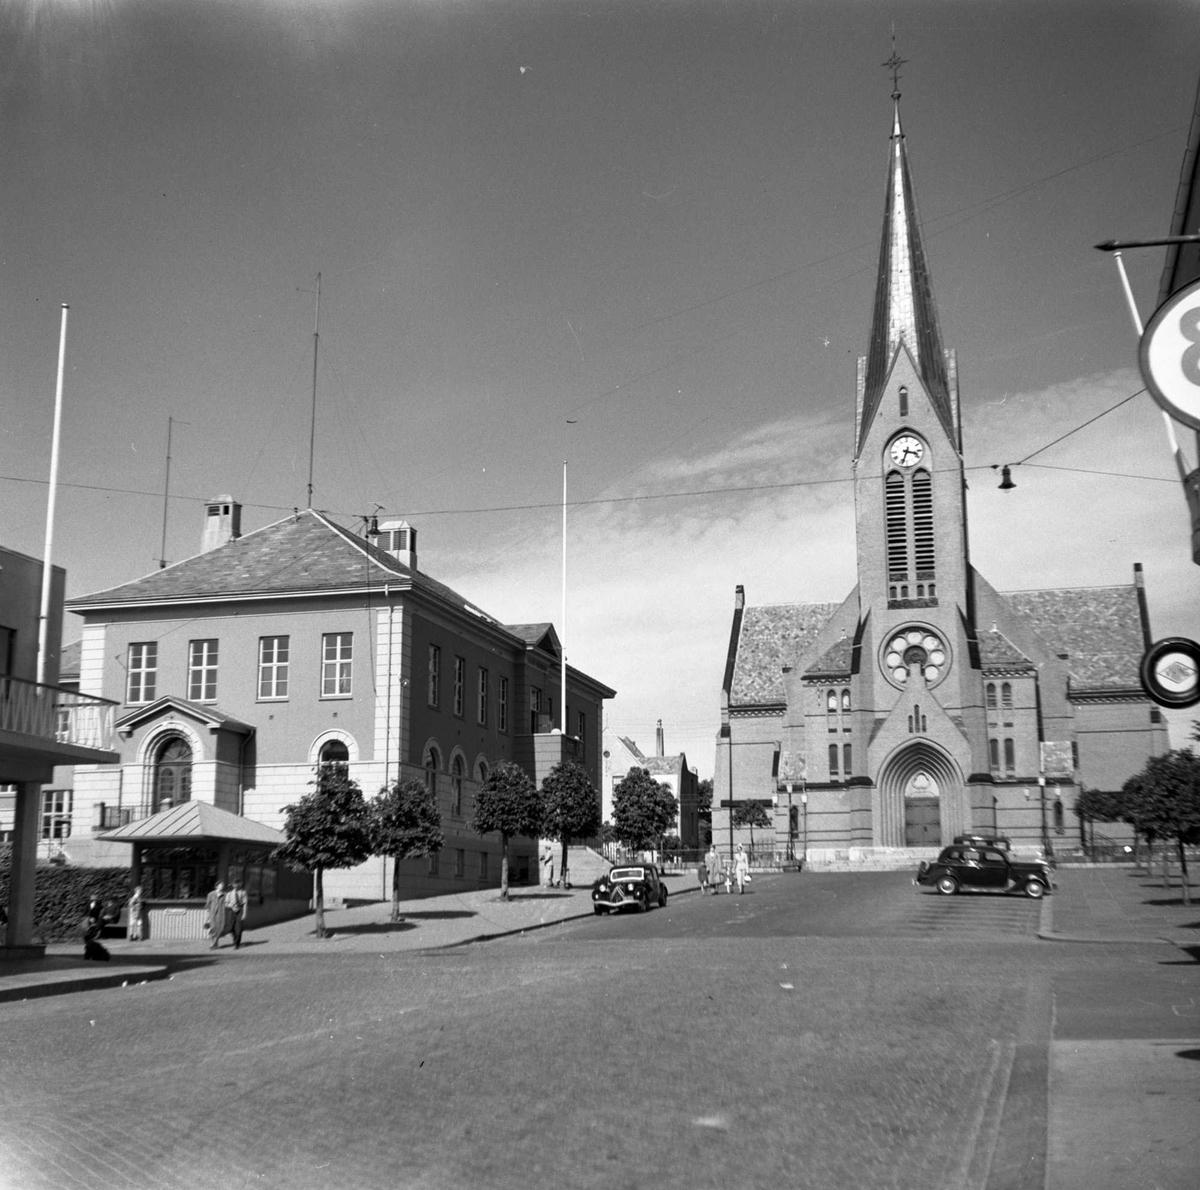 Gateparti med  Vår Frelsers kirke midt imot. Til v. for kirken, litt lenger ned i bakken, ligger Posthuset. Noen biler i gata, og flere mennesker på fortau og i gata. Vår Frelsers kirke ( bygget 1901) og Posthuset (bygget 1929). Bildet er tatt fra fortauet ved Nils Sund A/S (Haraldsgt. 159).